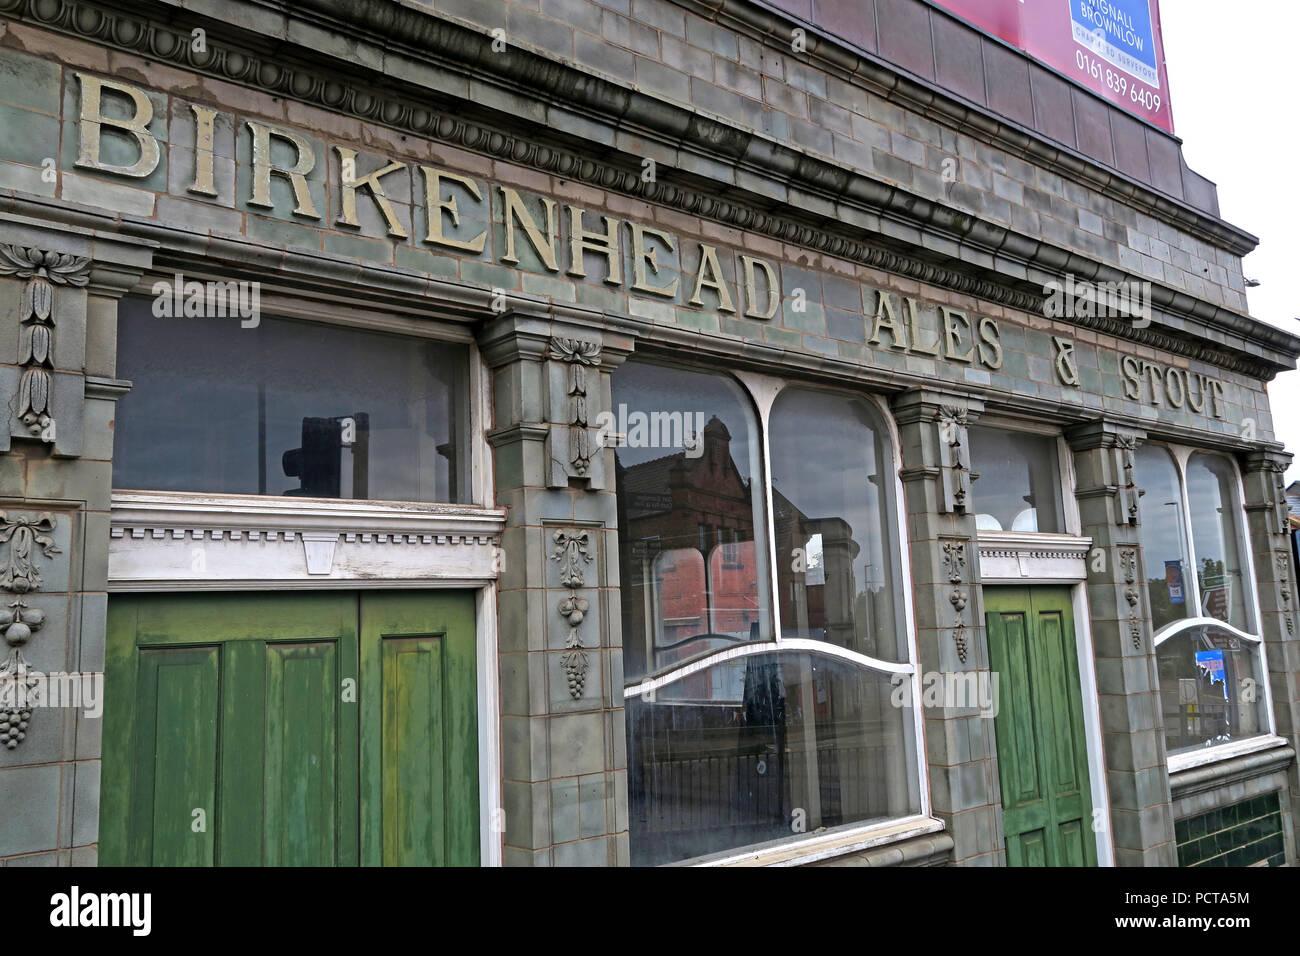 Laden Sie dieses Alamy Stockfoto Fliesen- Pier Hotel von Außen, Birkenhead Ales & Stout, Birkenhead Brauerei, Wirral, Merseyside, North West England, VEREINIGTES KÖNIGREICH, - PCTA5M